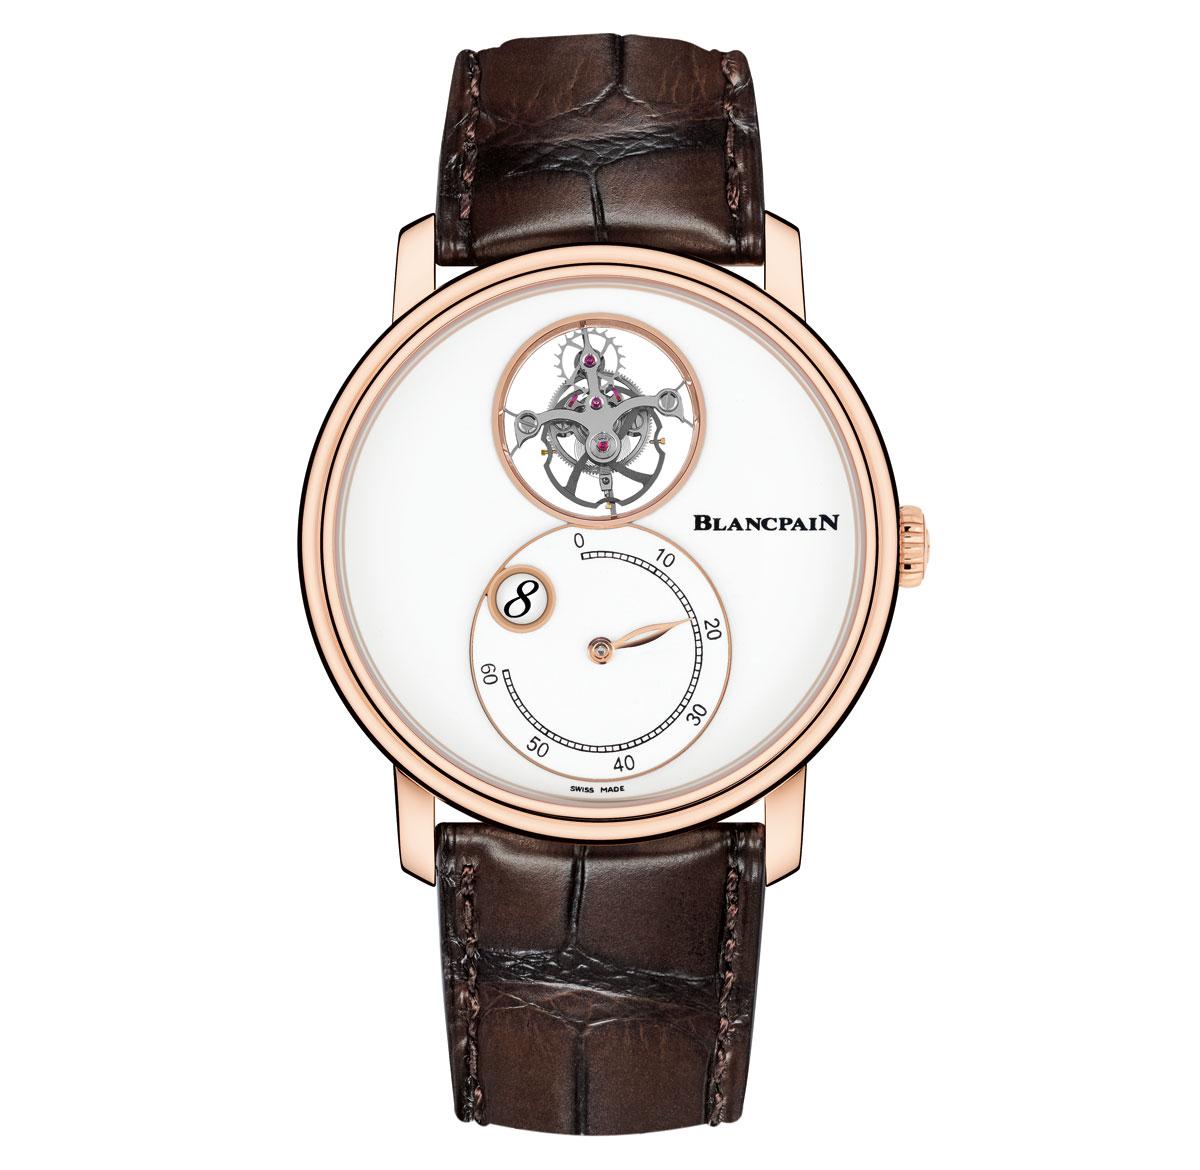 BLANCPAIN TOURBILLON VOLANT HEURE SAUTANTE MINUTE RÉTROGRADE - best watches without hands